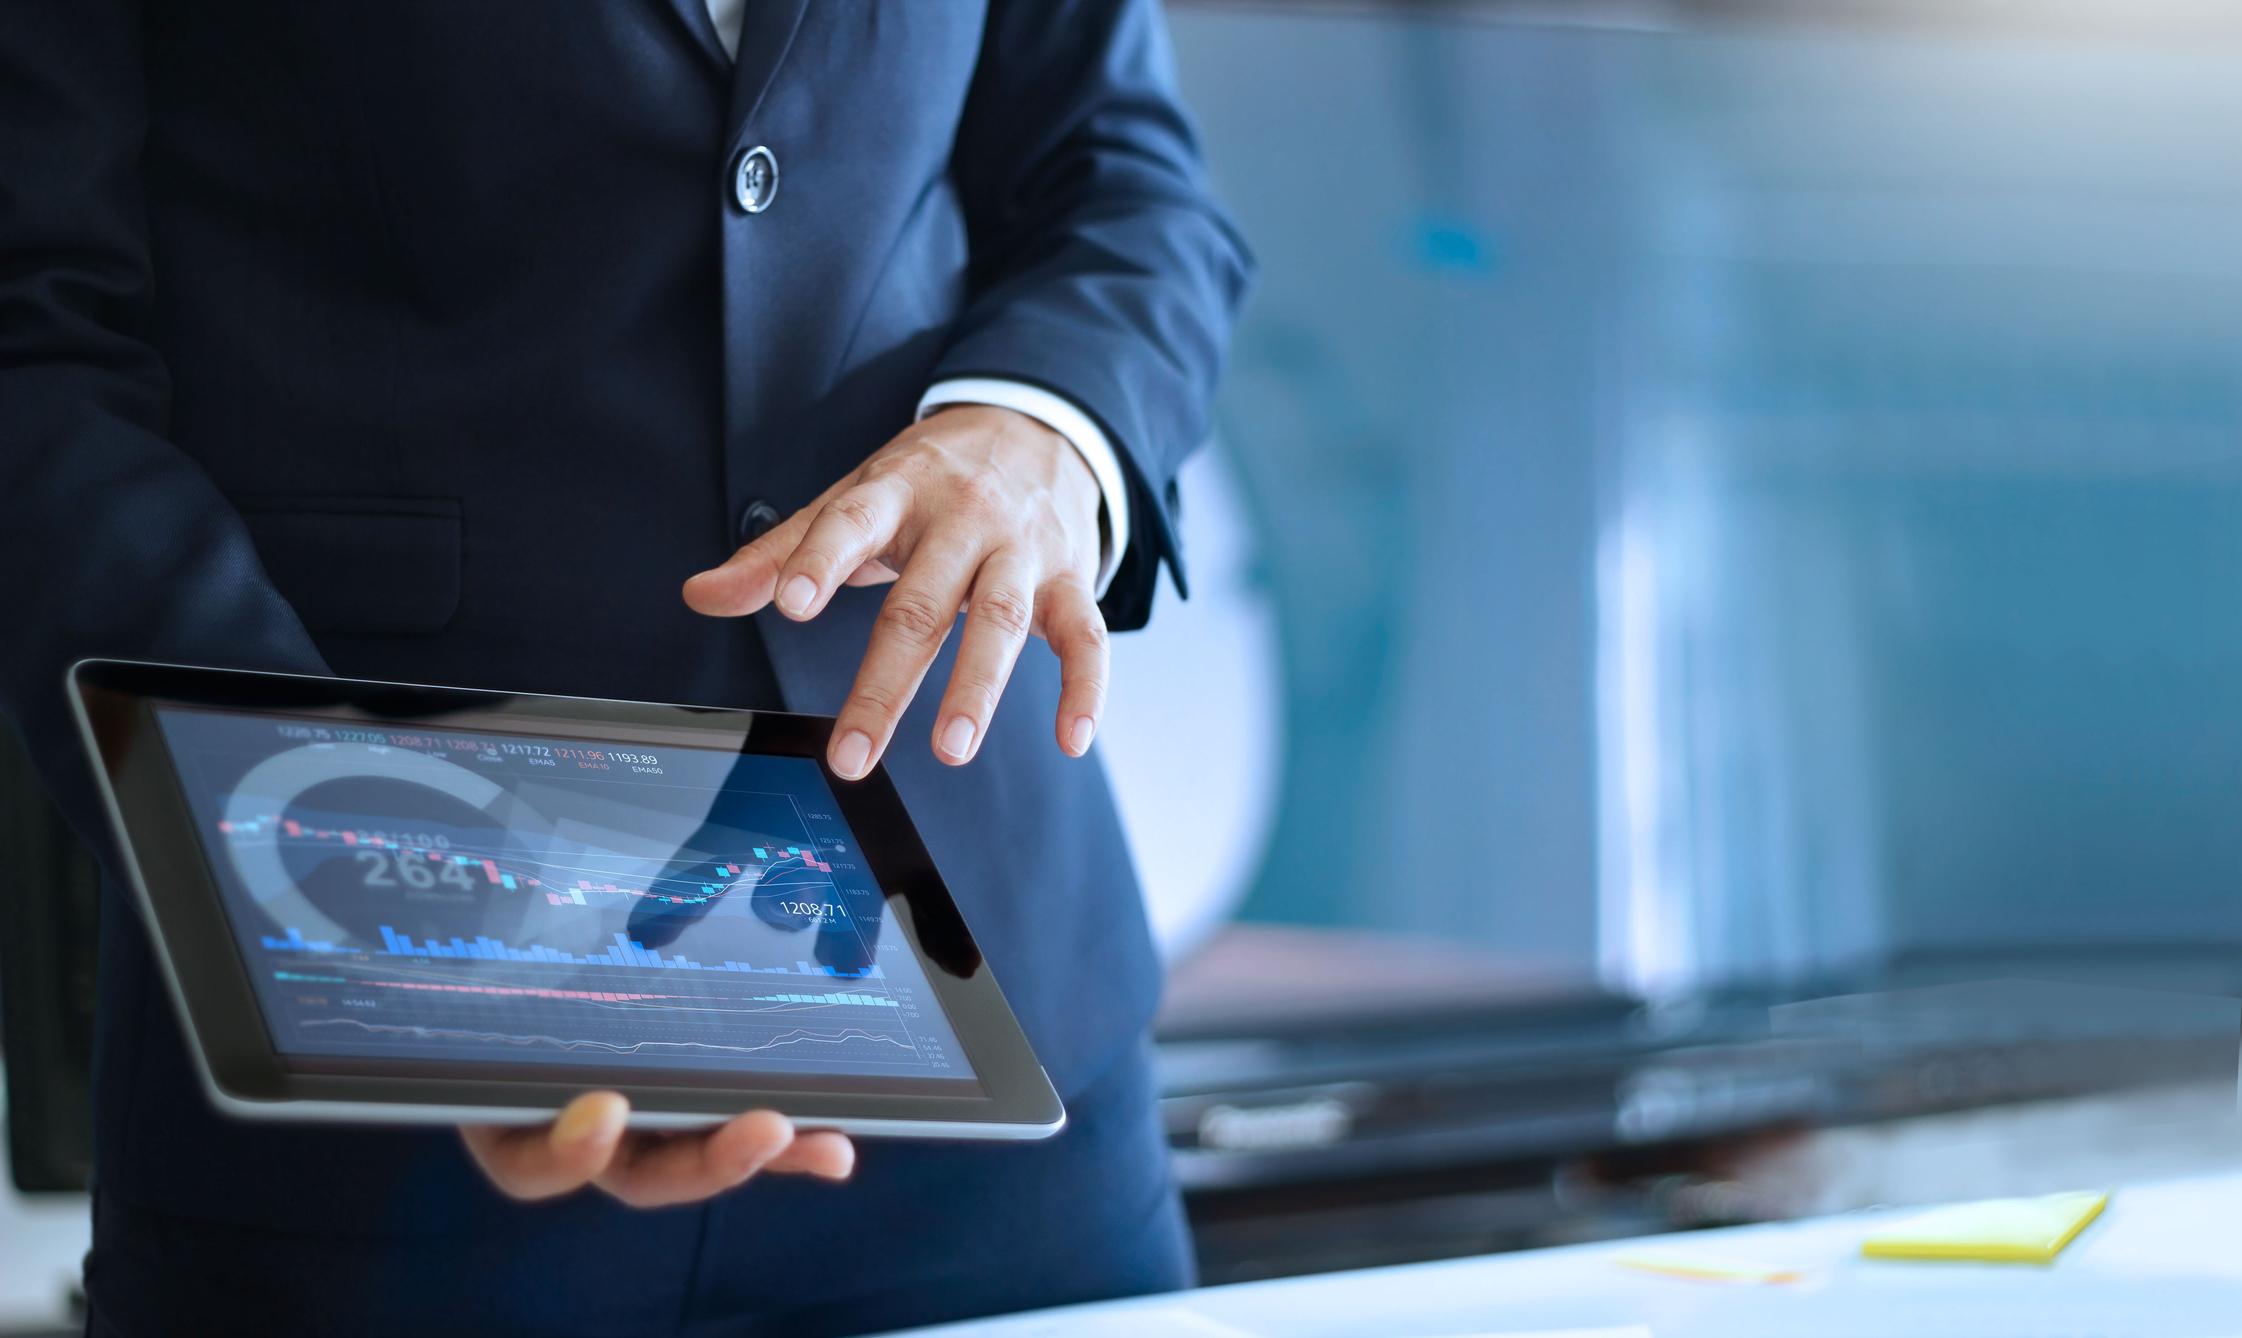 資料を手軽に持ち運び、 外出先や営業シーンでもスマートに活躍